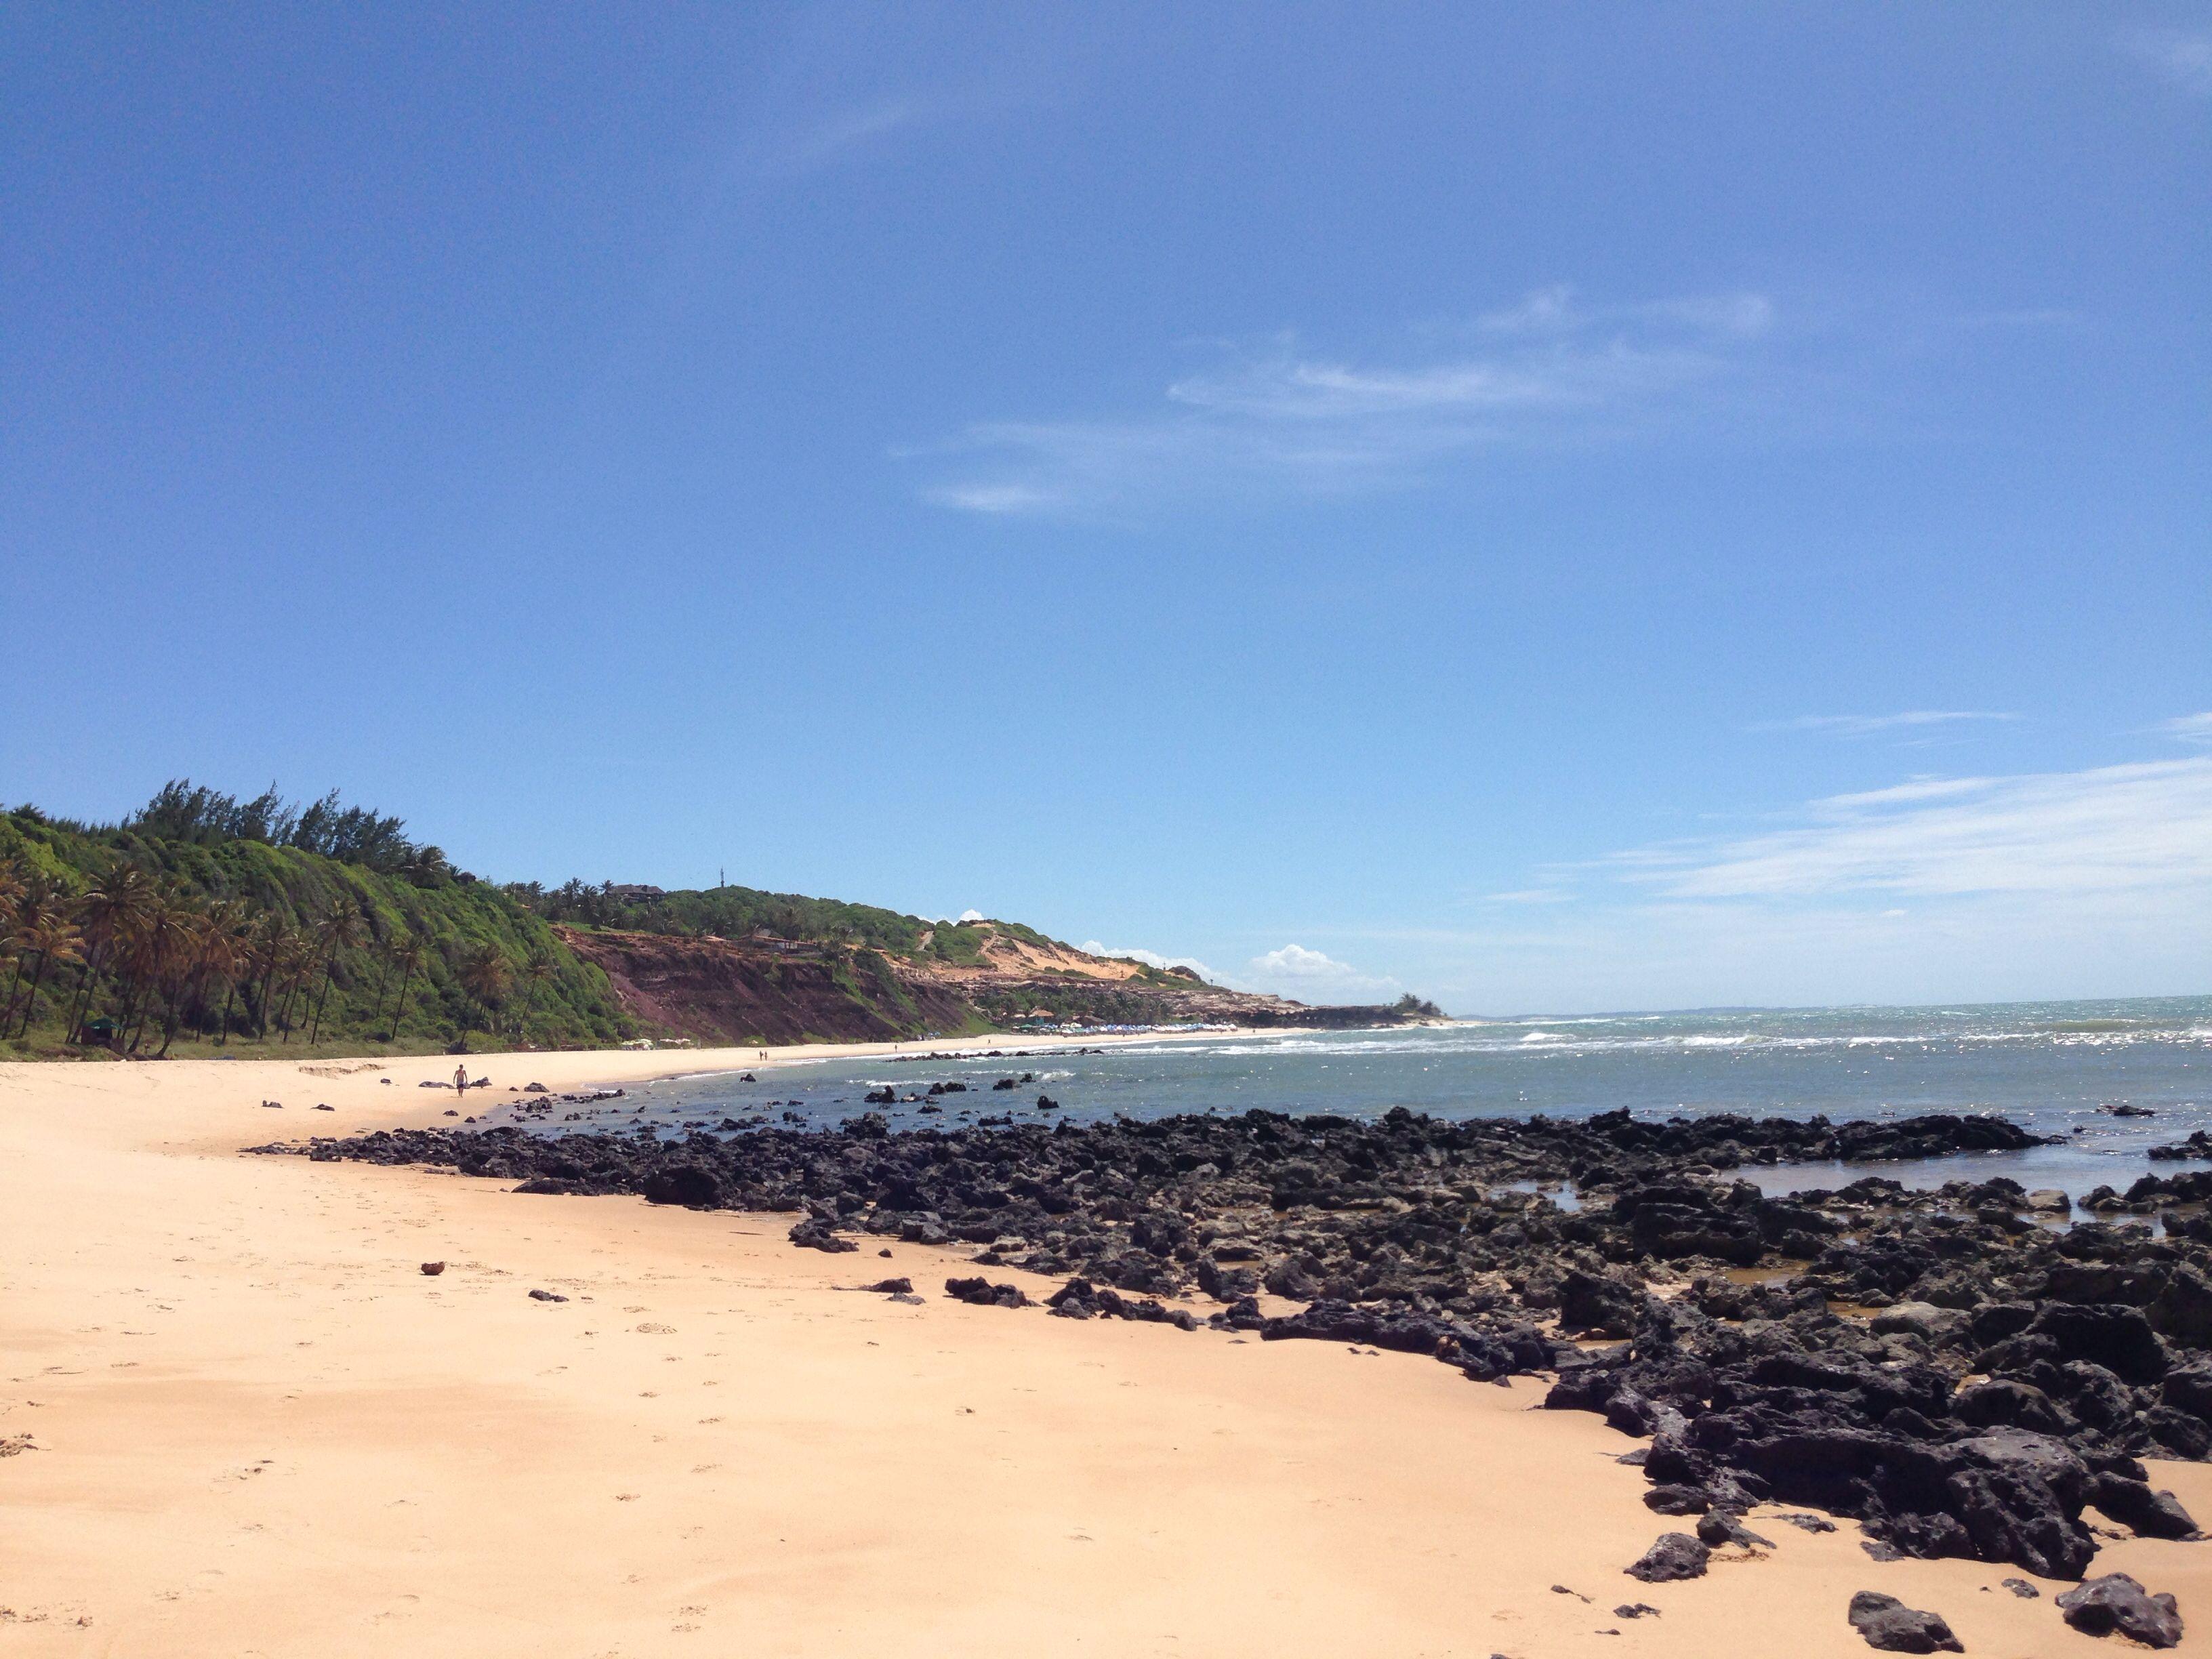 Praia do madero